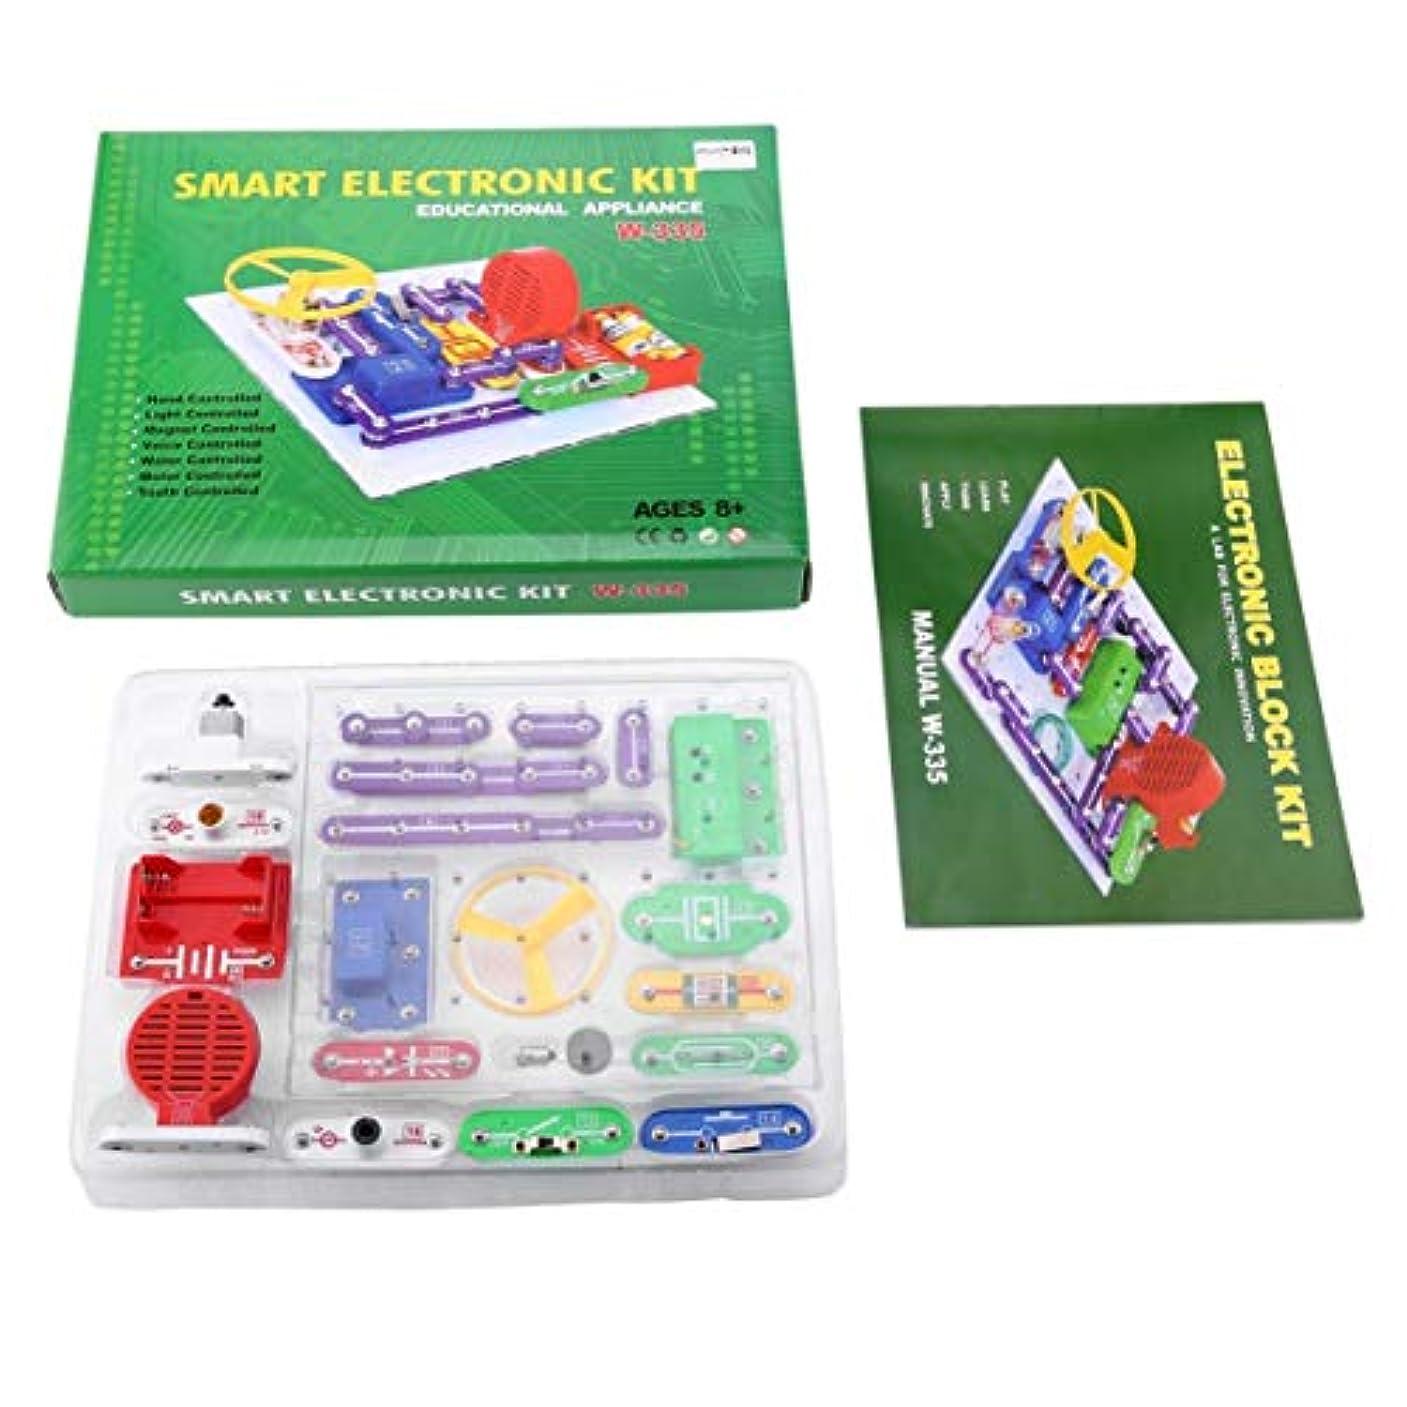 典型的な子供っぽいレディ335マルチカラーエレクトロニクスディスカバリーキットスマートエレクトロニクスブロックキット教育科学キット玩具子供のための最高のDIYおもちゃマルチカラー